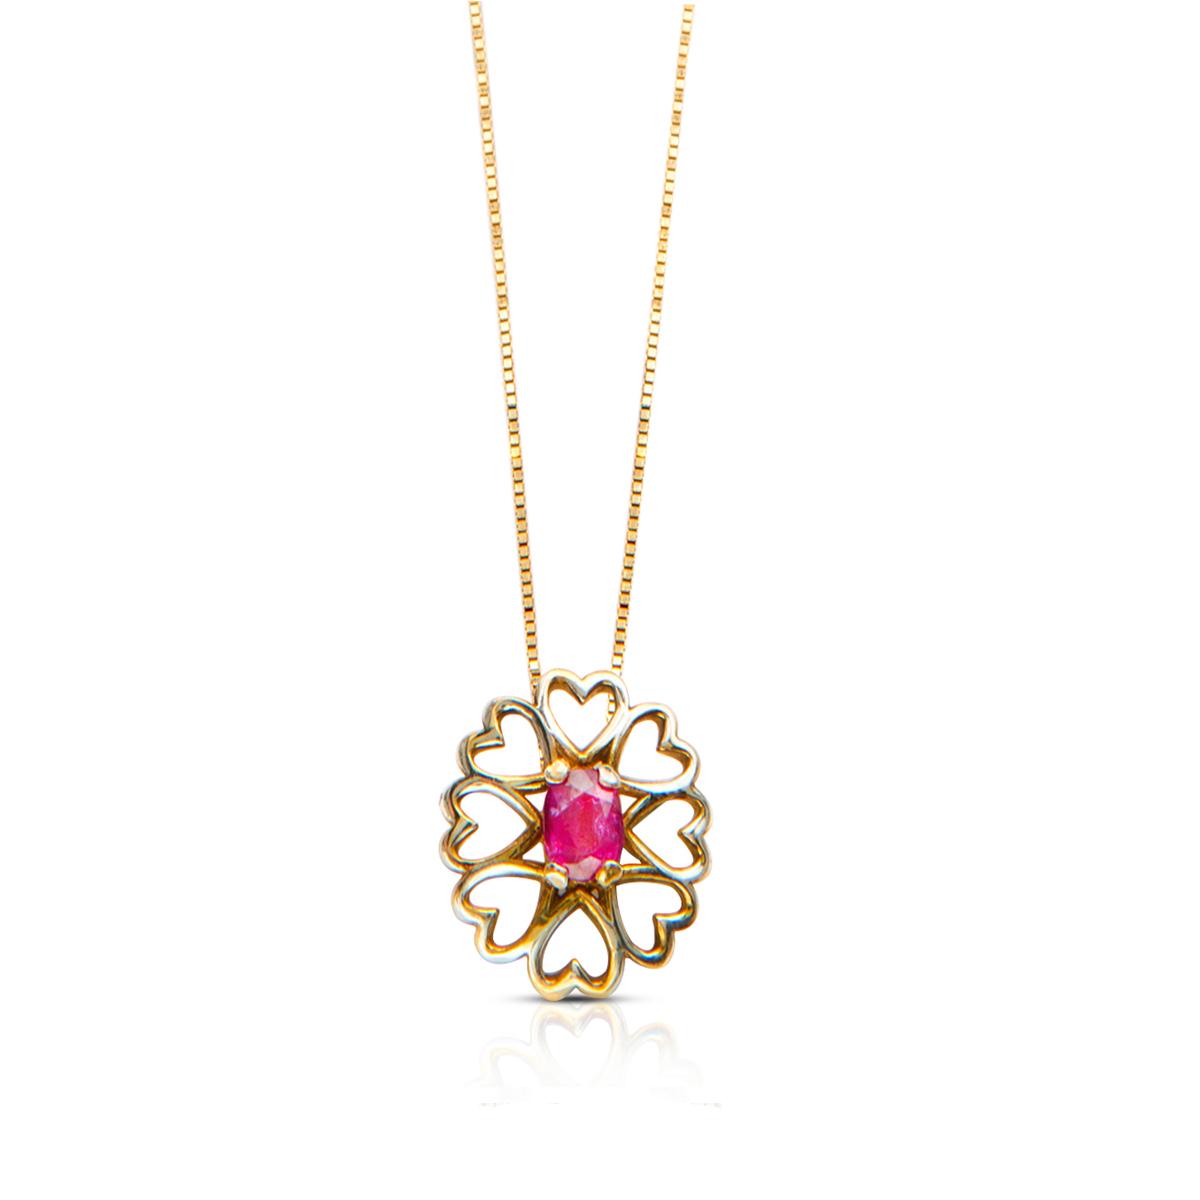 שרשרת זהב משובצת רובי בעיצוב לבבות זהב